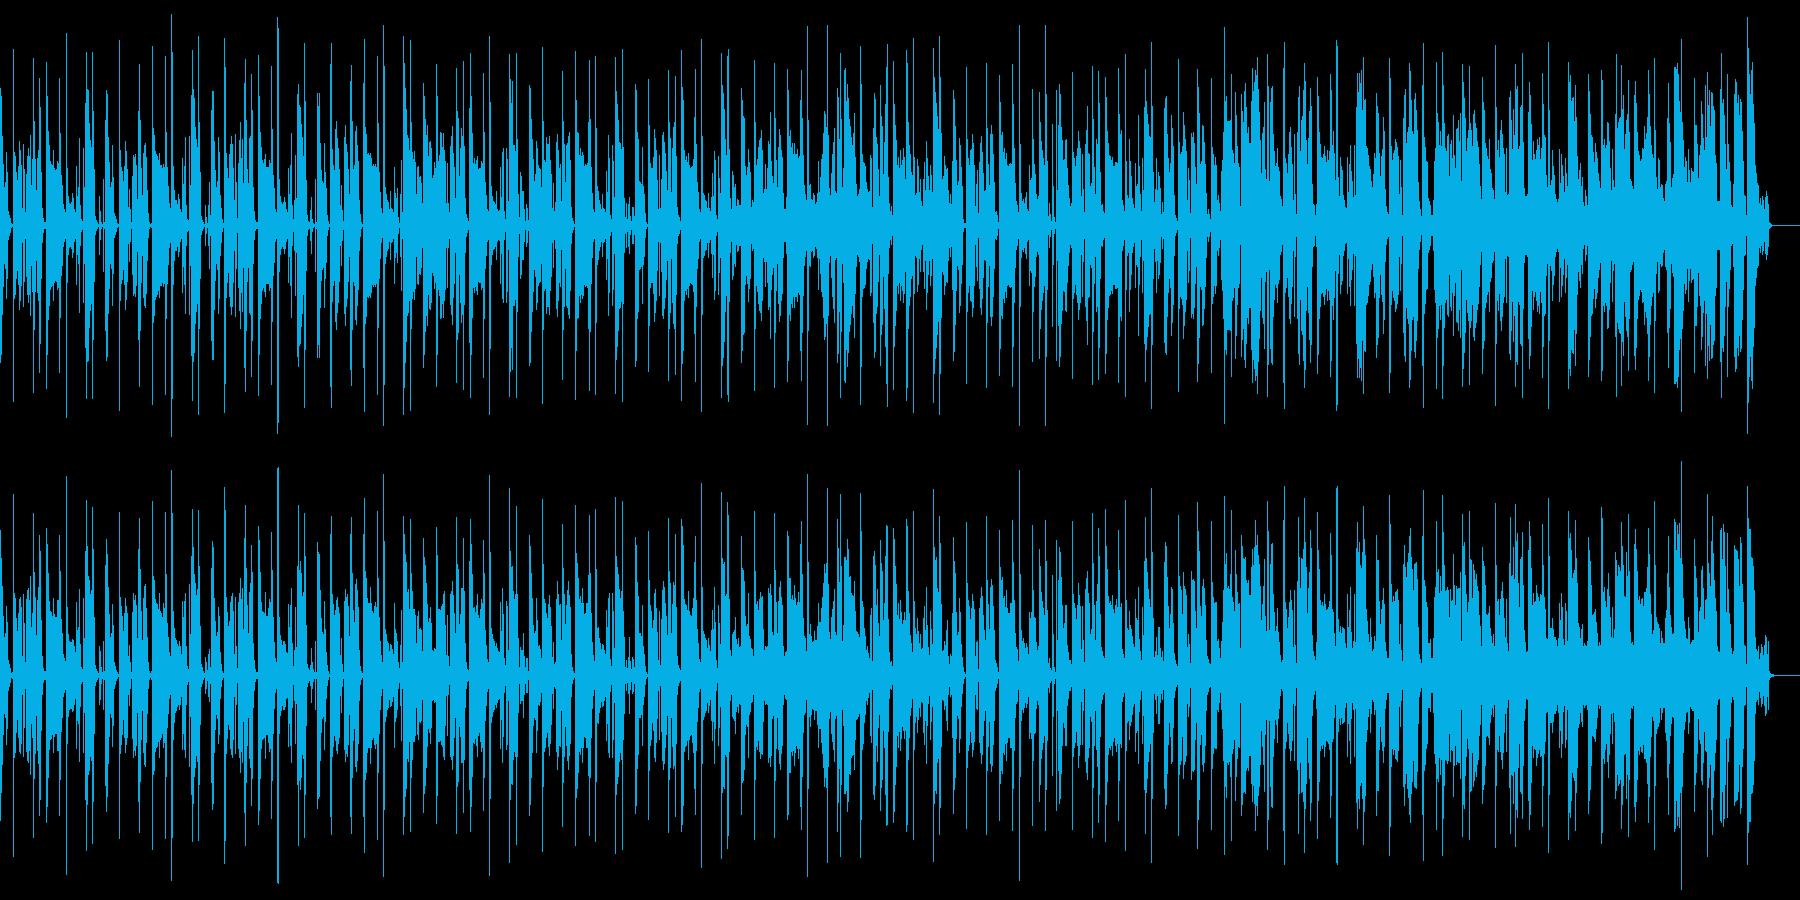 ちょっと古めなFunkサウンドの再生済みの波形